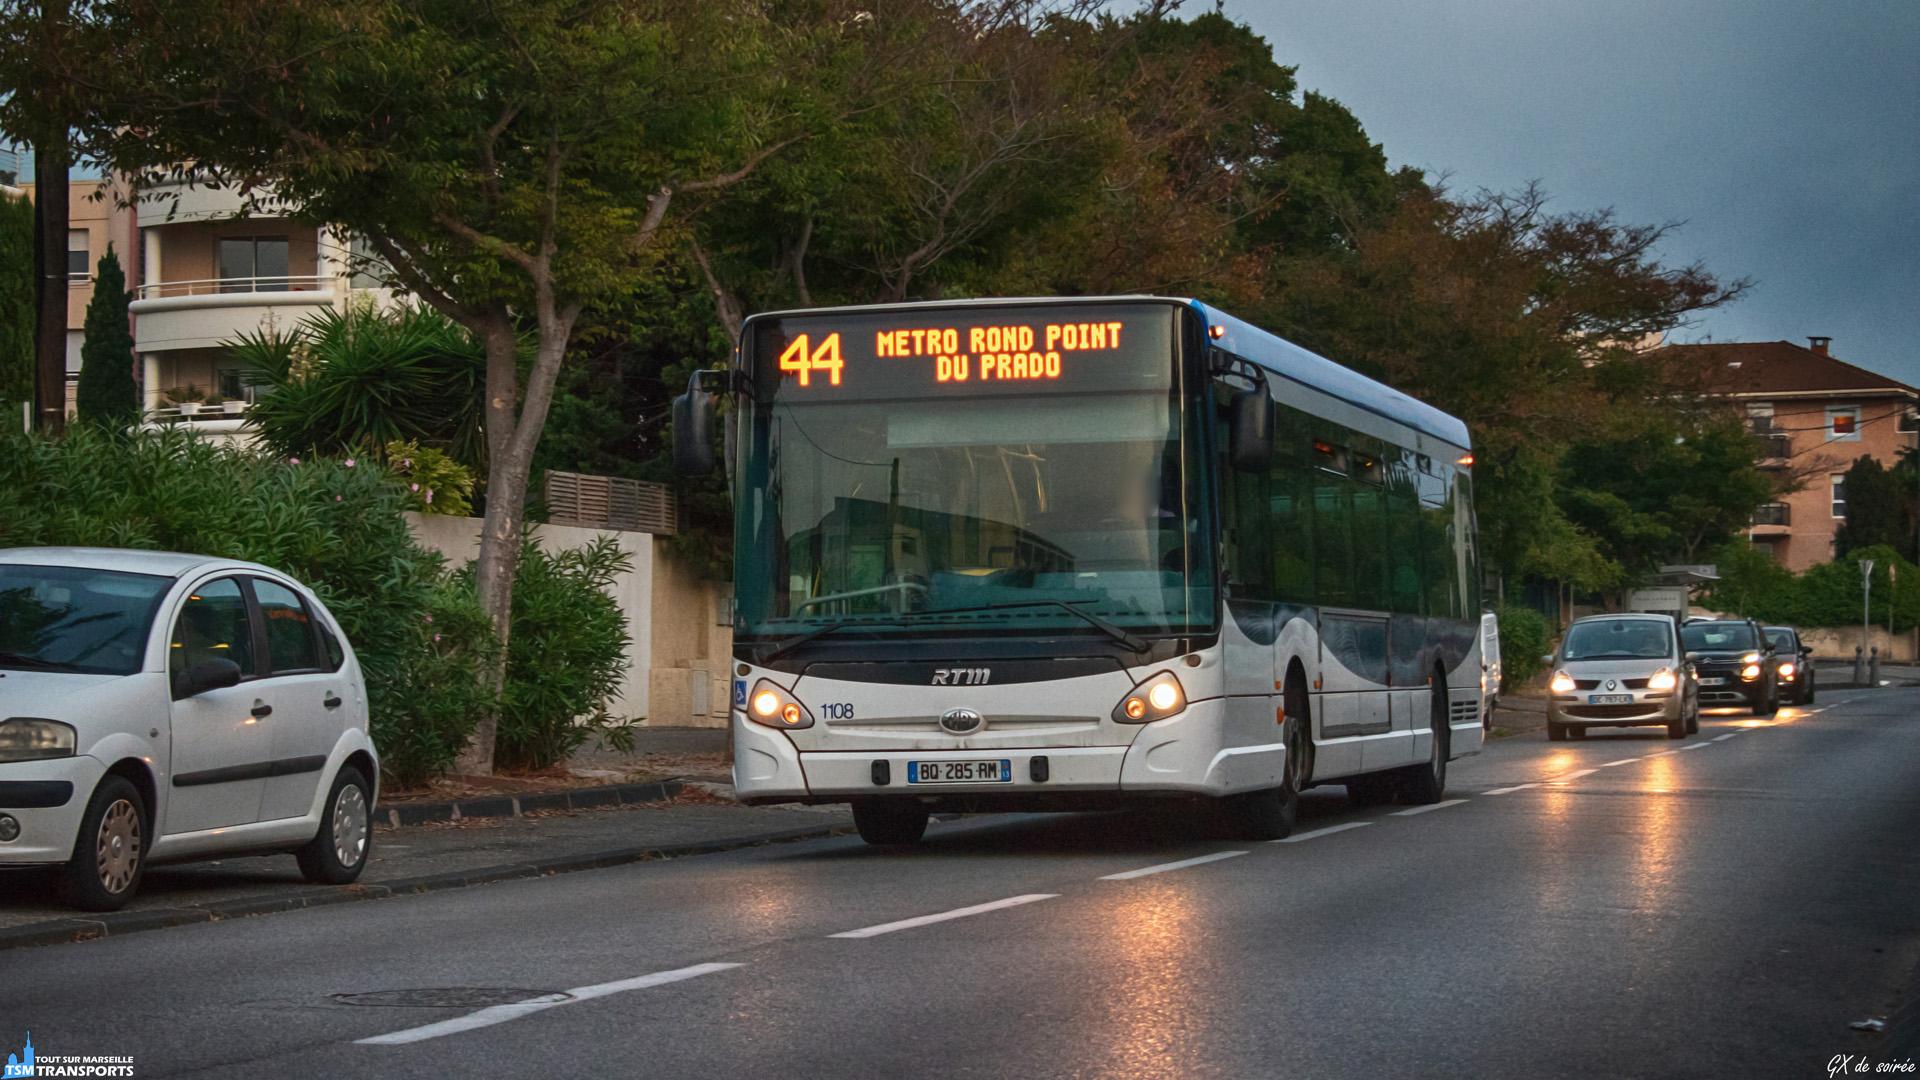 """Le soleil se couche sur le quartier de La vieille Chapelle, lieu où les GX327, en minorité dans le parc des bus standard, se font plus visible. . Celui ci entame le retour vers Rond Point du Prado et est vu sur la Rue Floralia peu après l'arrêt """"Floralia Chiapale"""". . ℹ️ Heuliez Bus GX327 RTM n°1108. . 📍 Rue Floralia, 8eme arrondissement de Marseille. . ↔️ 44 : Collège Roy d'Espagne - Métro Rond Point du Prado. . 📸 Nikon D5600. . 📷 Nikkor 18-55mm. . 📅 18 Septembre 2019 à 19:42."""